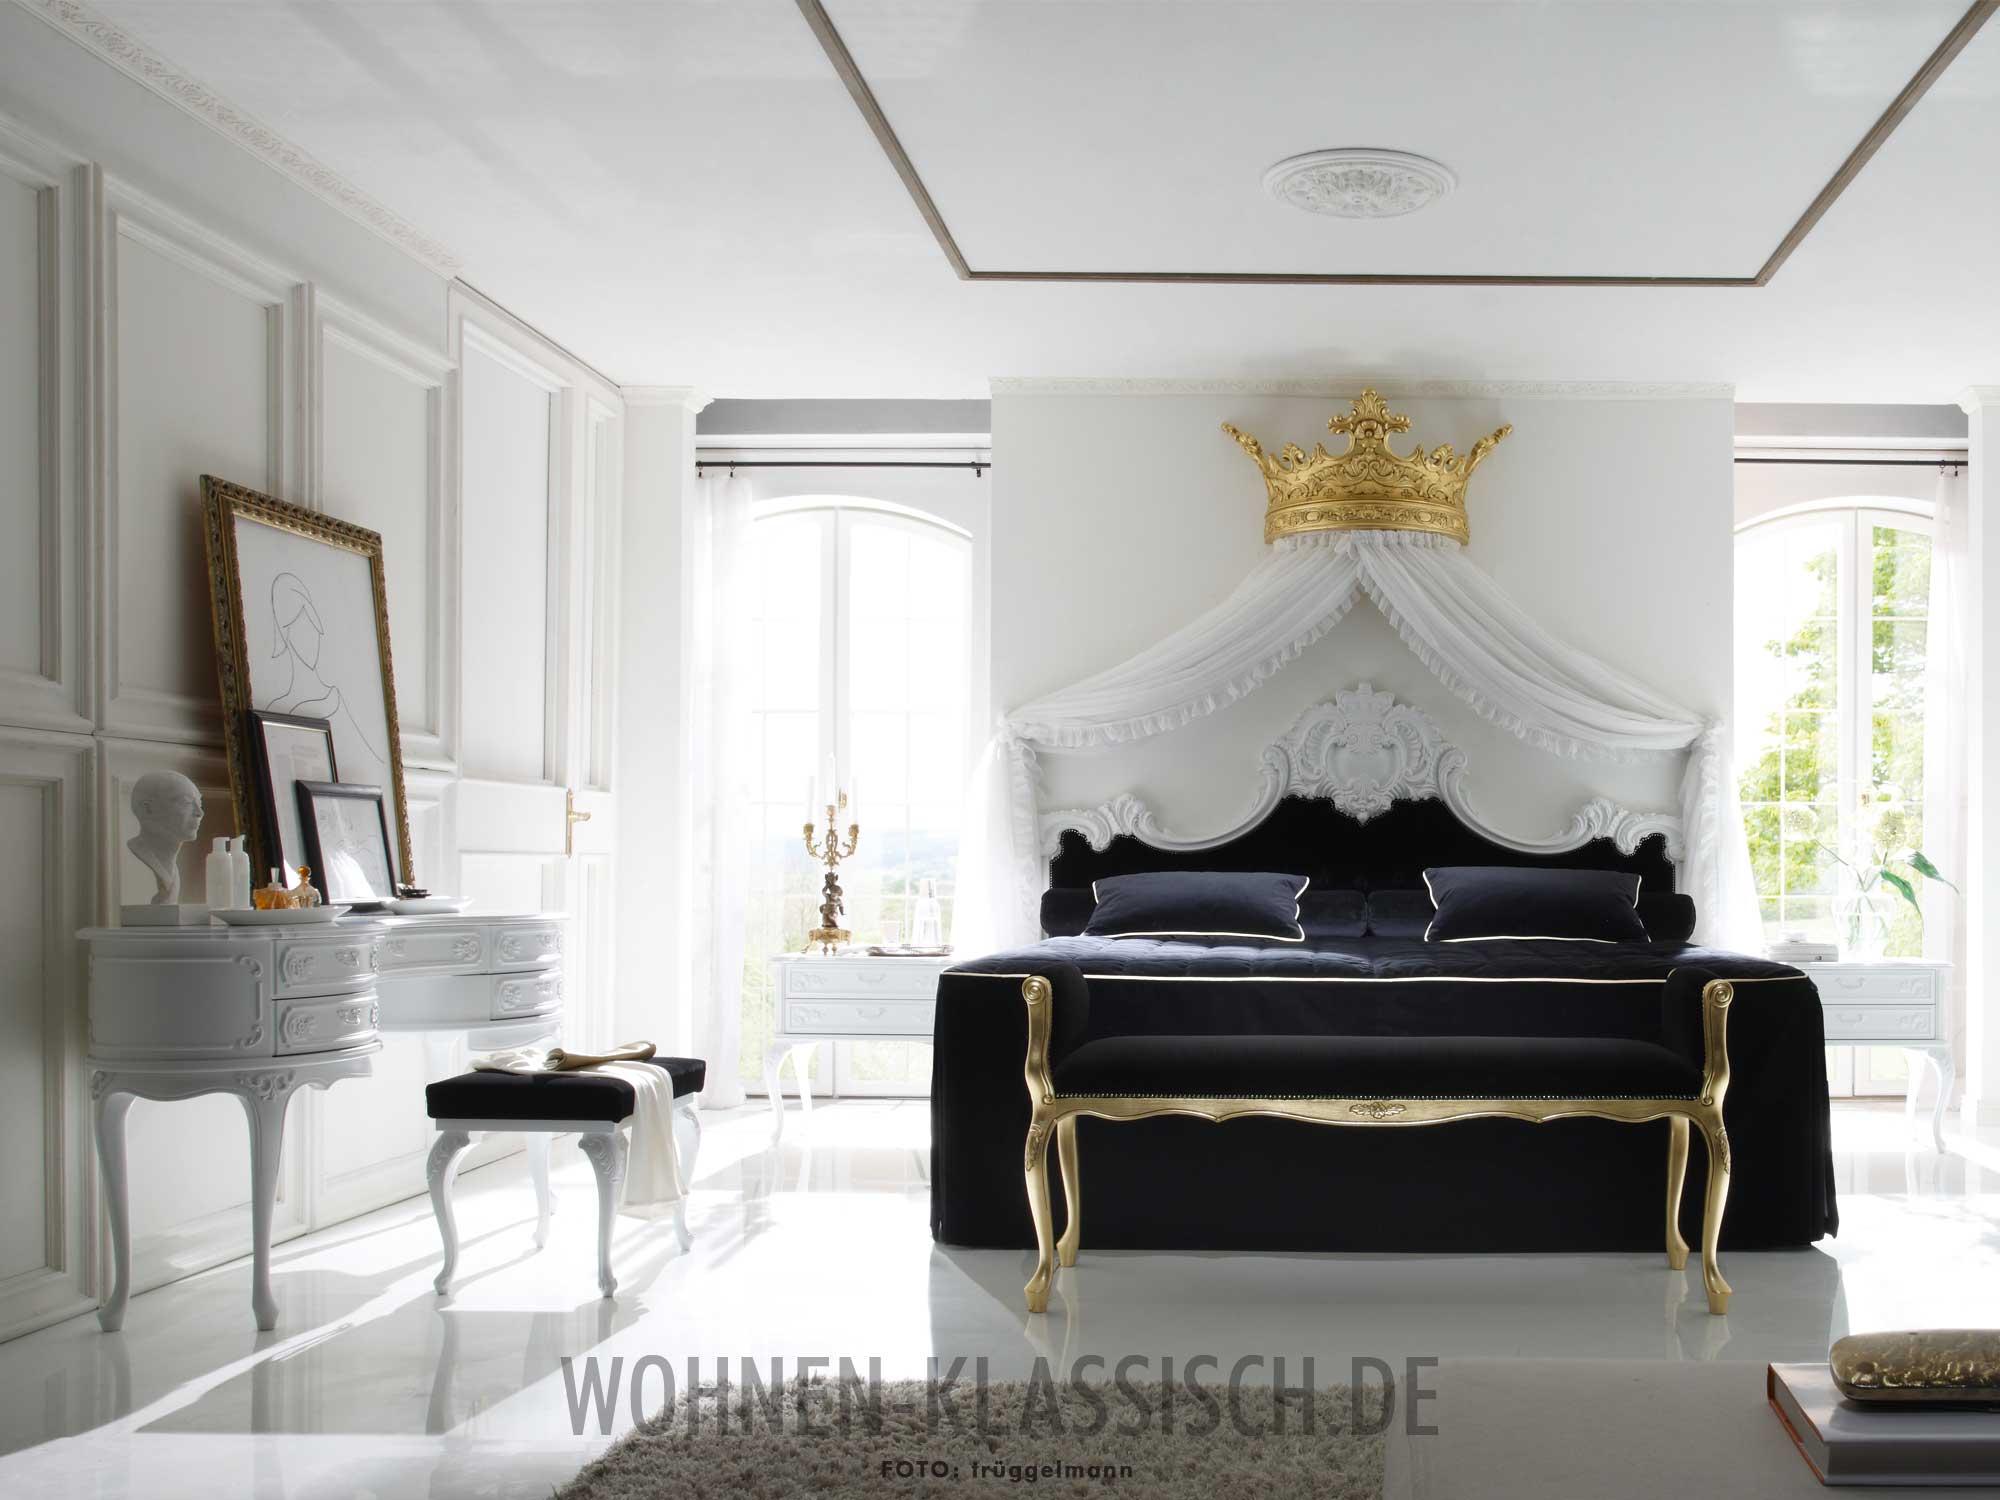 Unterm Majestätischen Betthimmel KLASSISCH WOHNEN - Truggelmann schlafzimmer